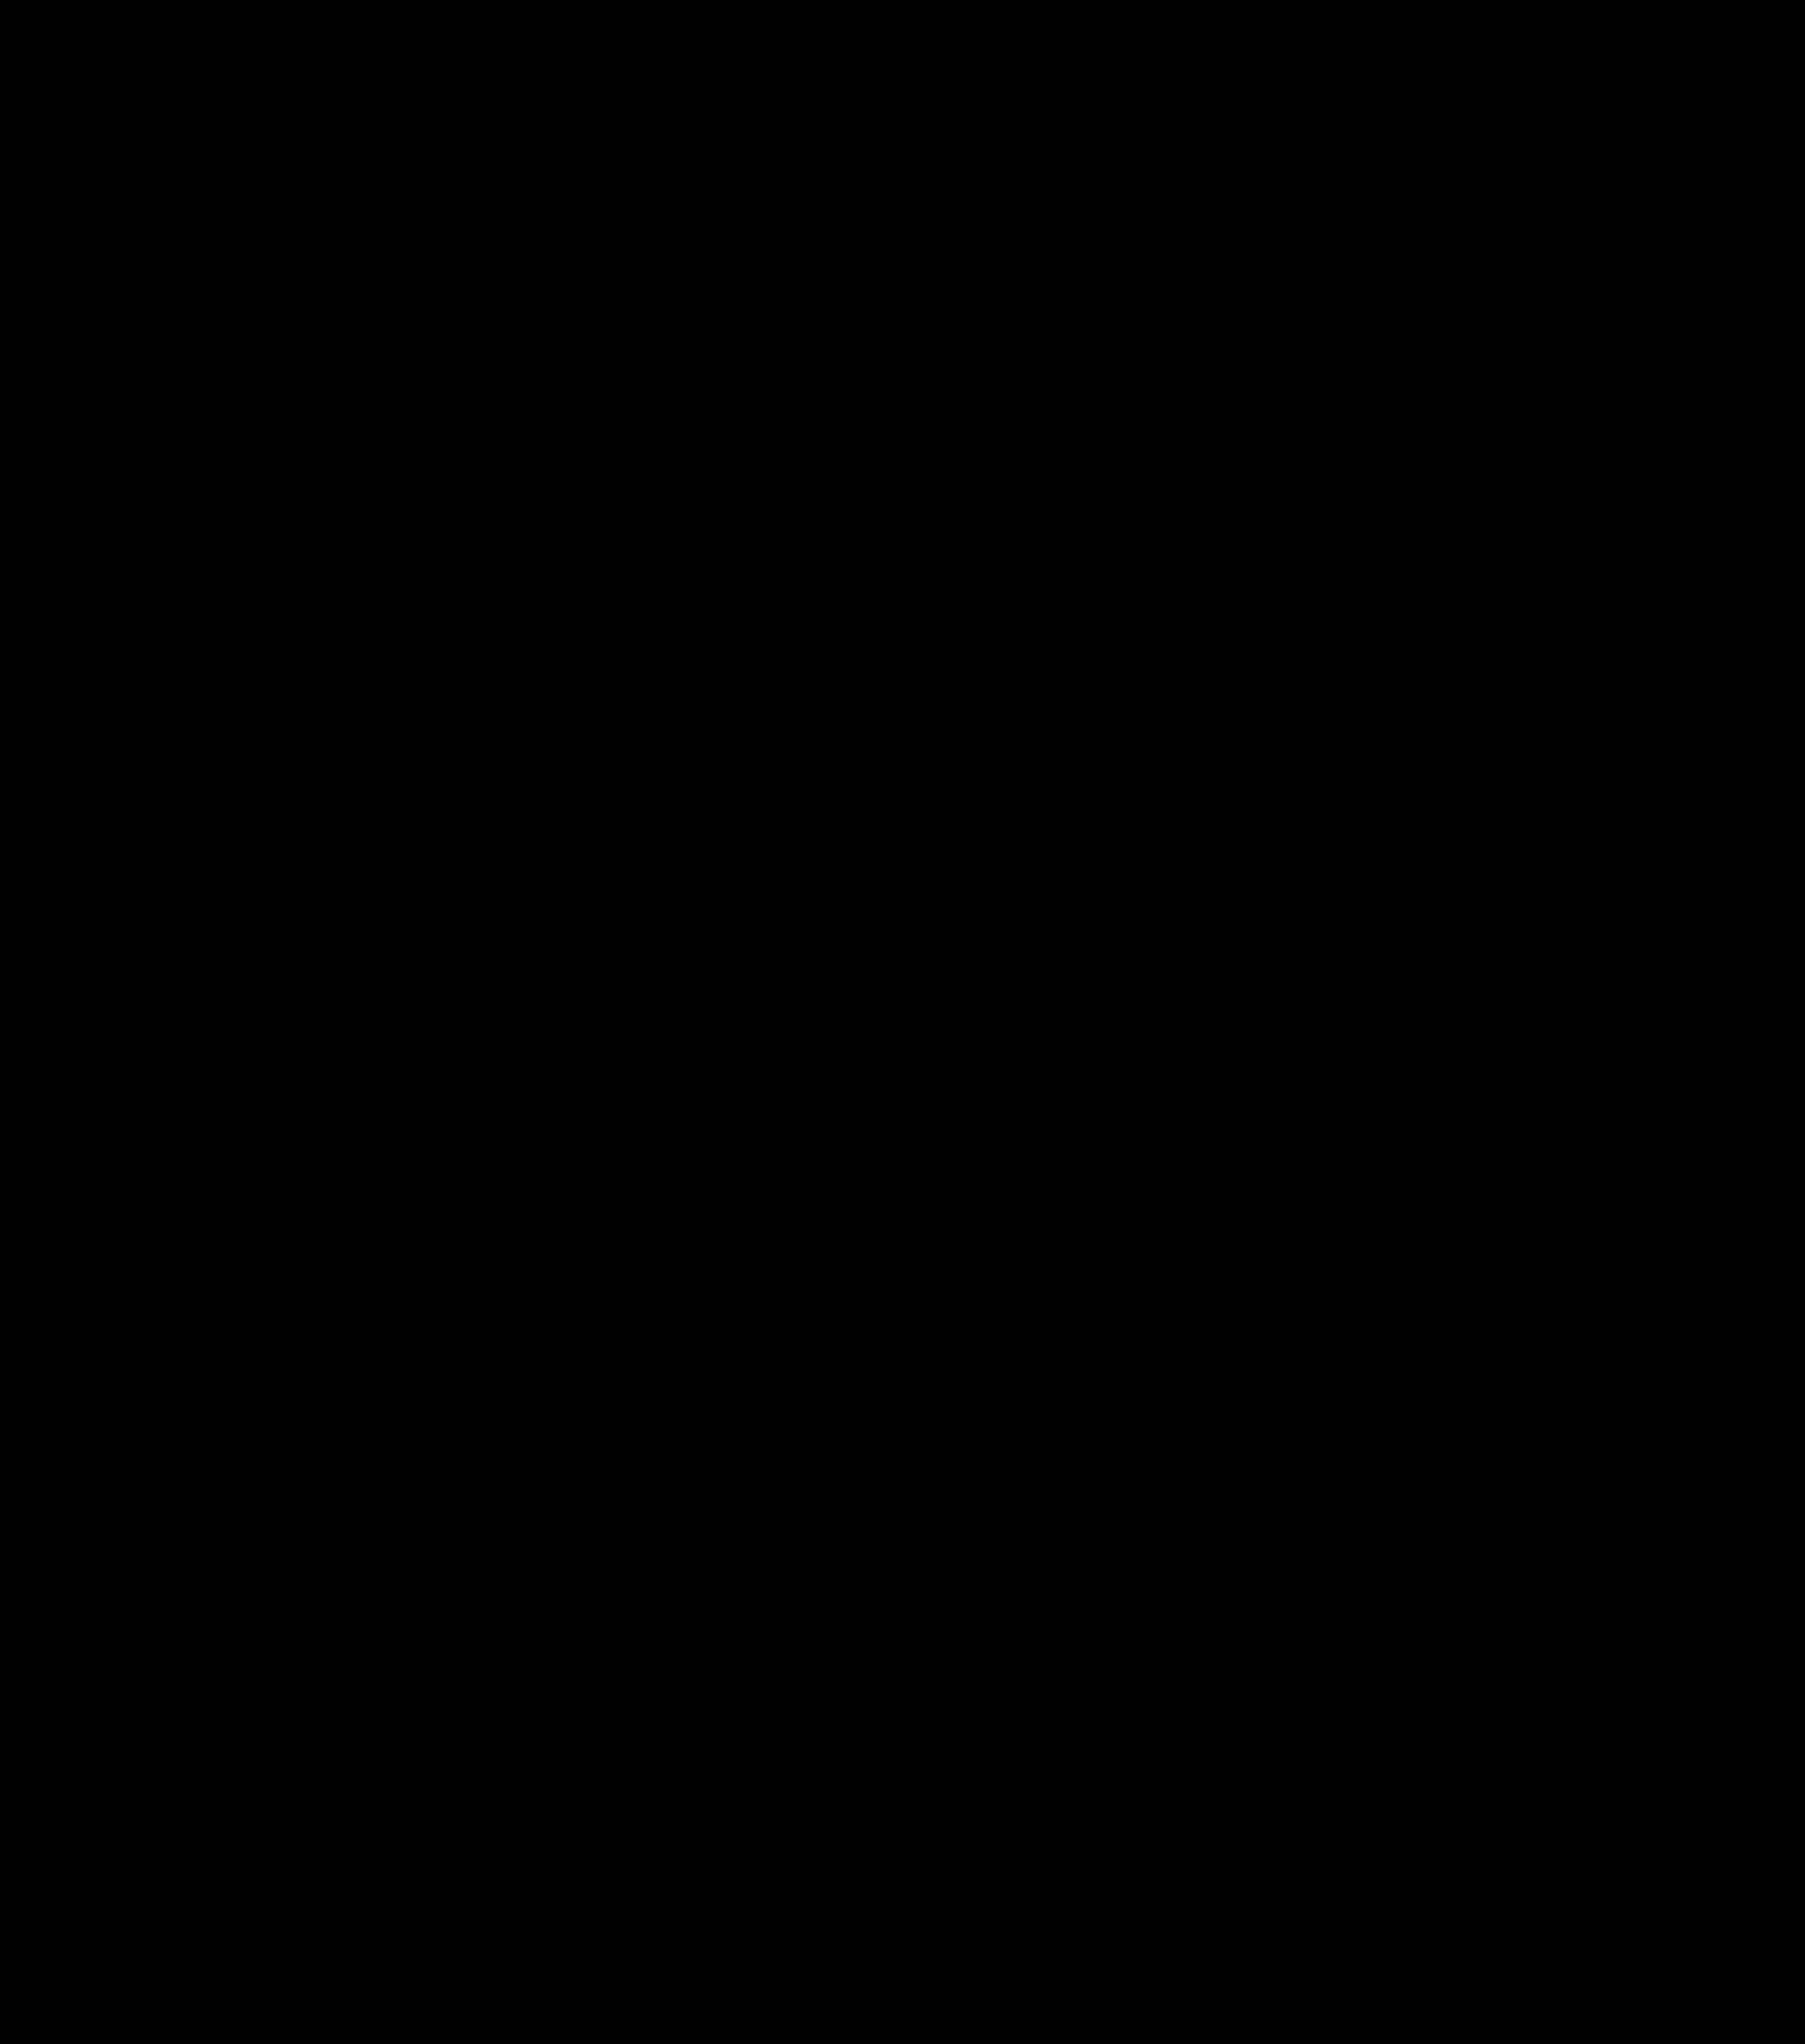 K of C fish fry